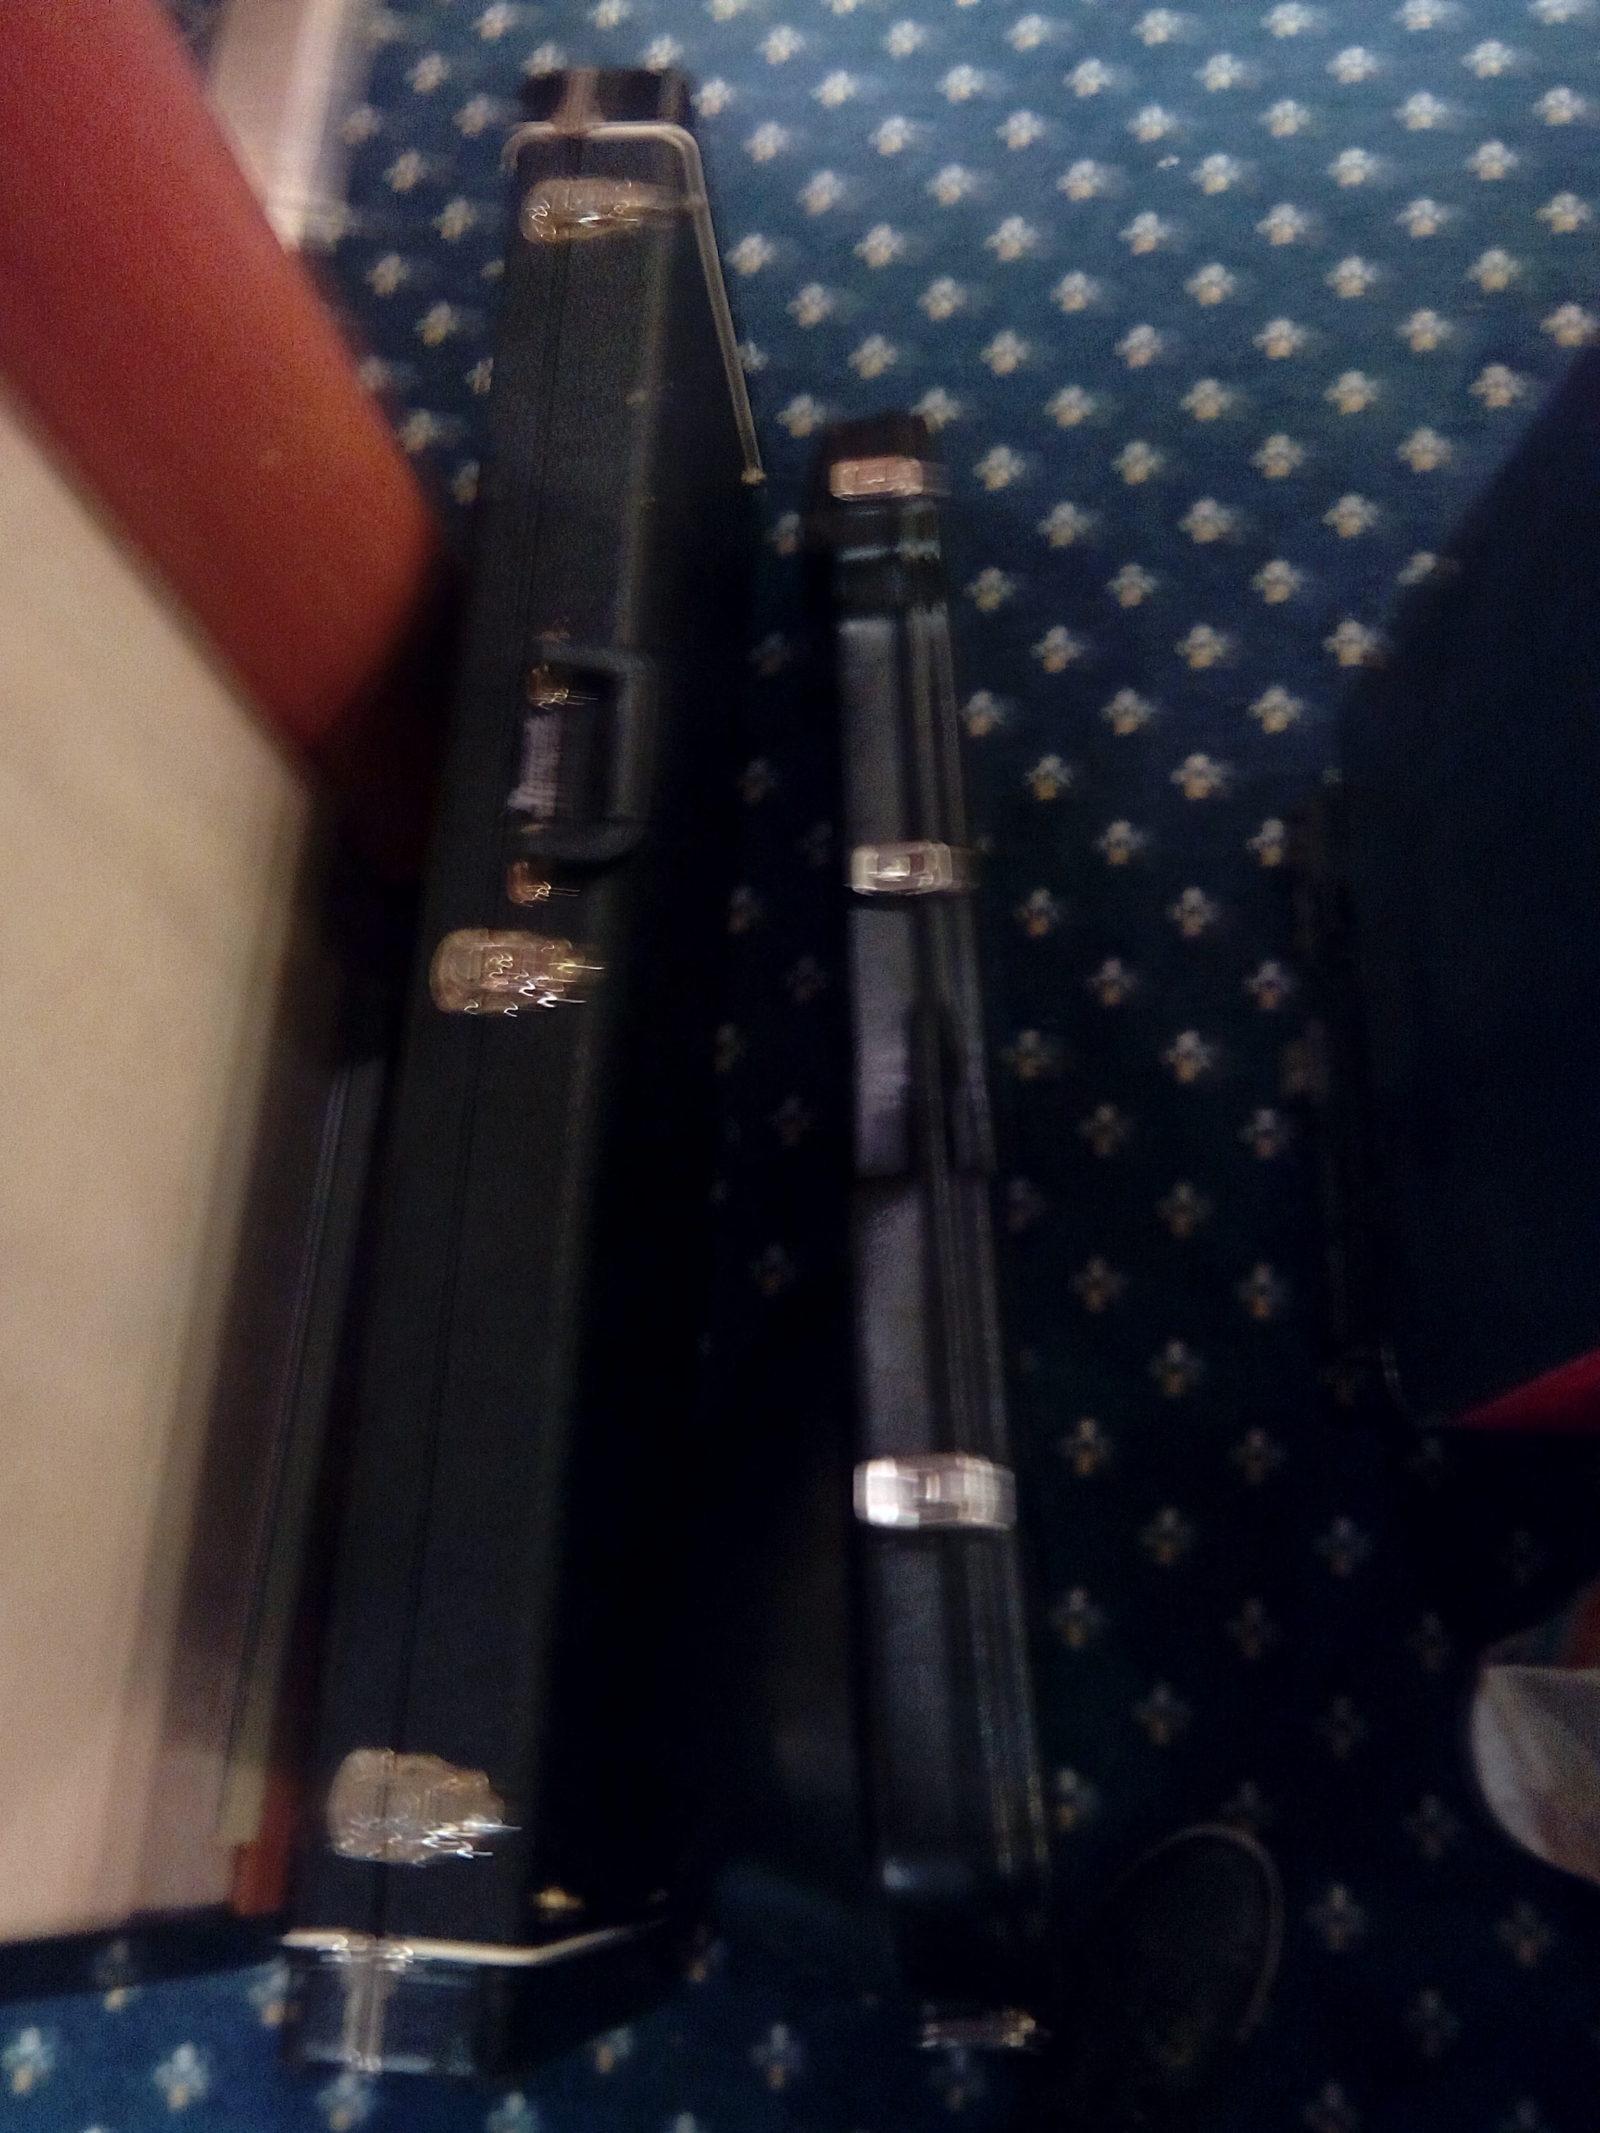 Skonnie Music, Guitar cases, Tour, World Travel, Connie Yerbic